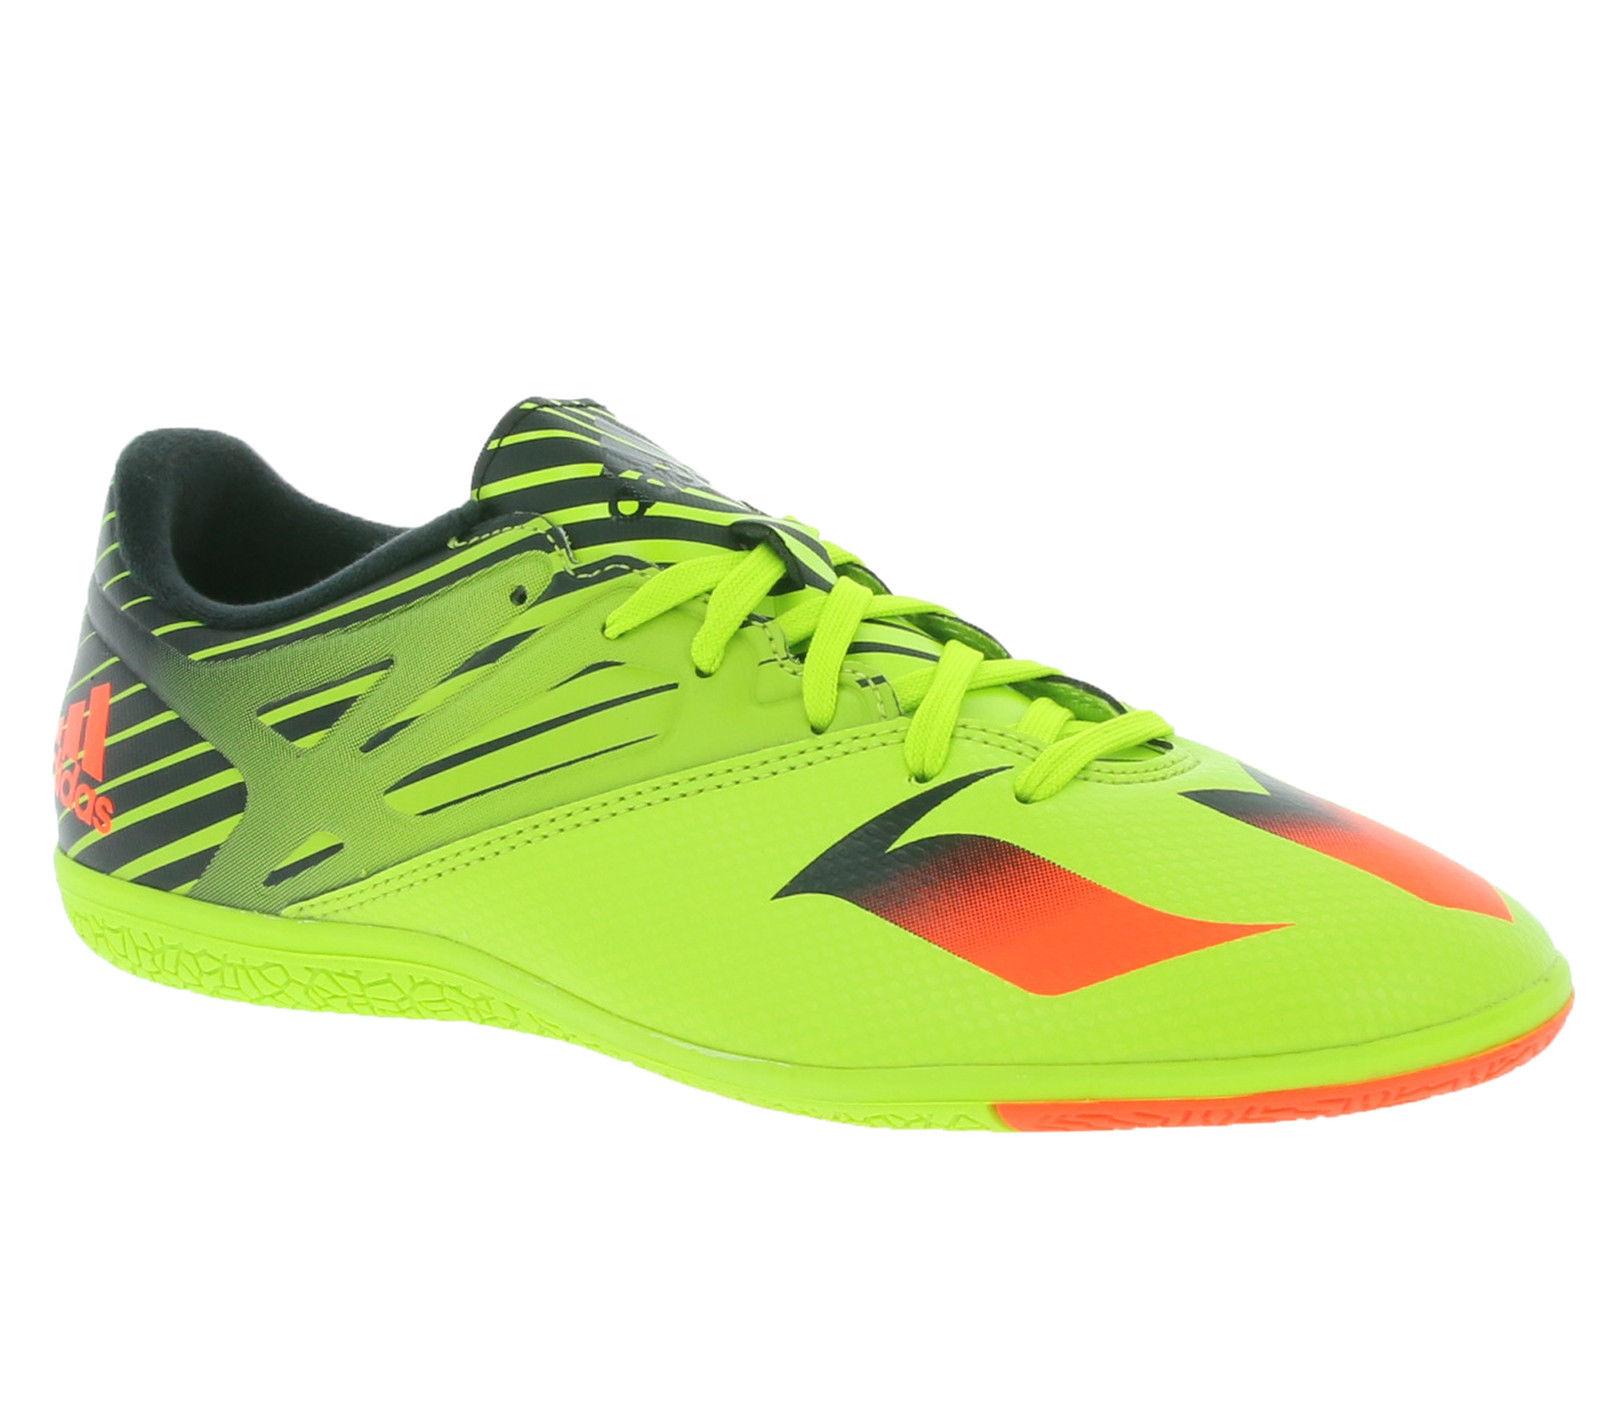 Bild zu Outlet46: Adidas Messi 15.3 Indoor Court Fußballschuhe (S74691) für 27,99€